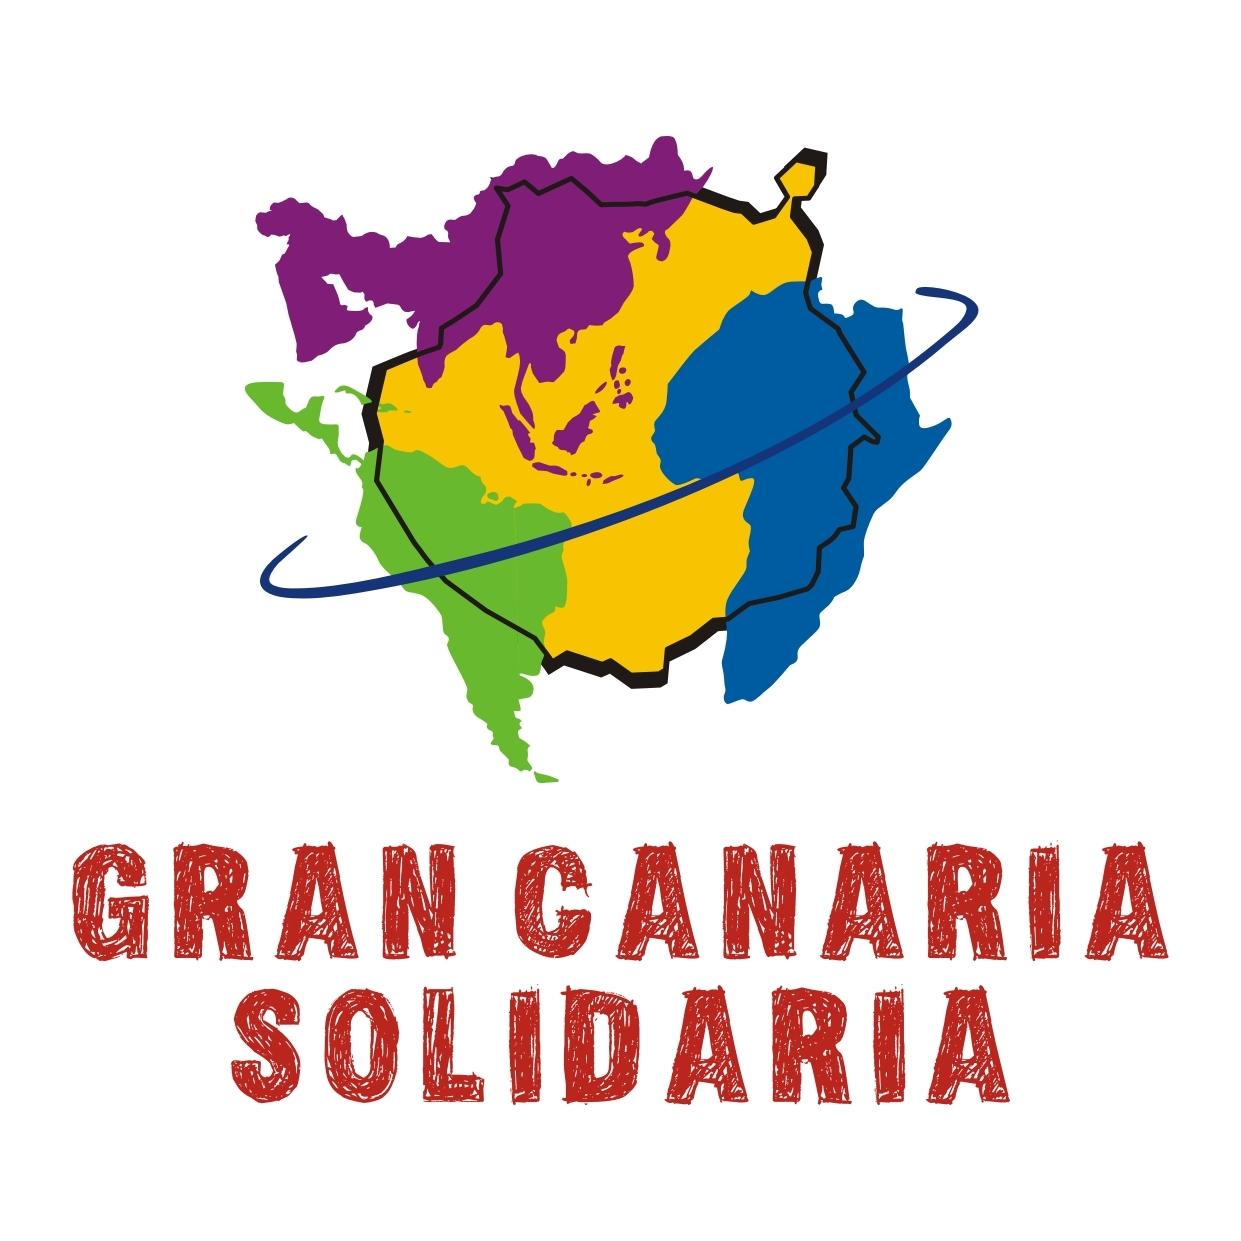 Cabildo de Gran Canaria logo